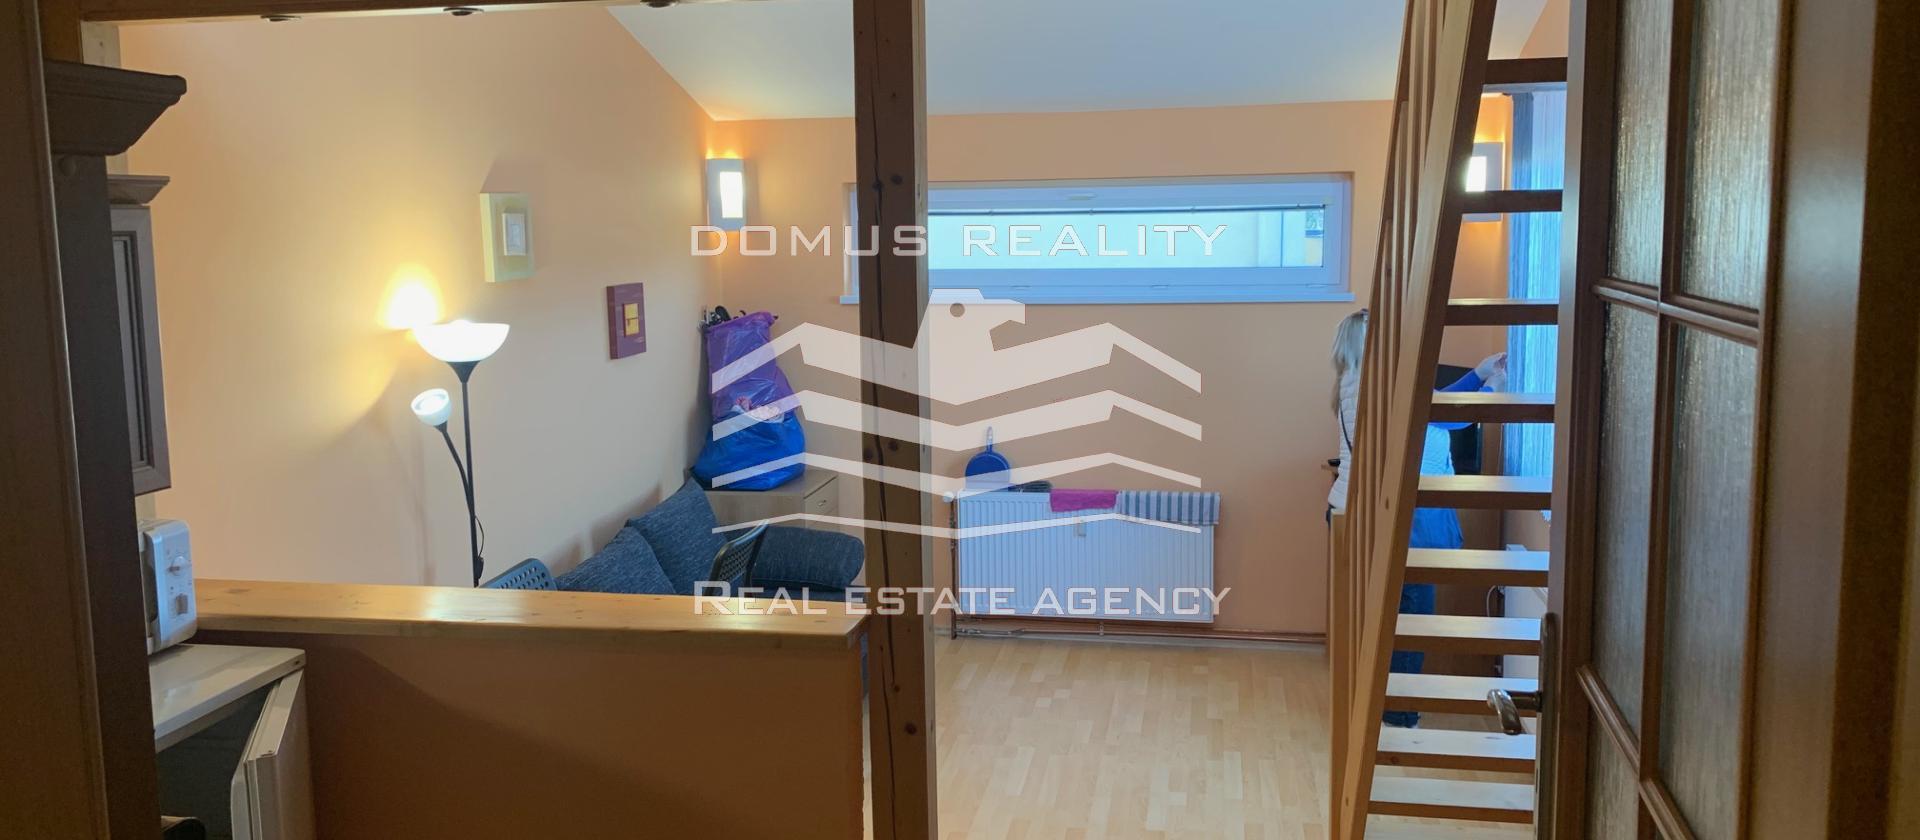 V exkluzivním zastoupení nabízíme k pronájmu byt o velikosti 30 m2 s vestavěným patrem na spaní